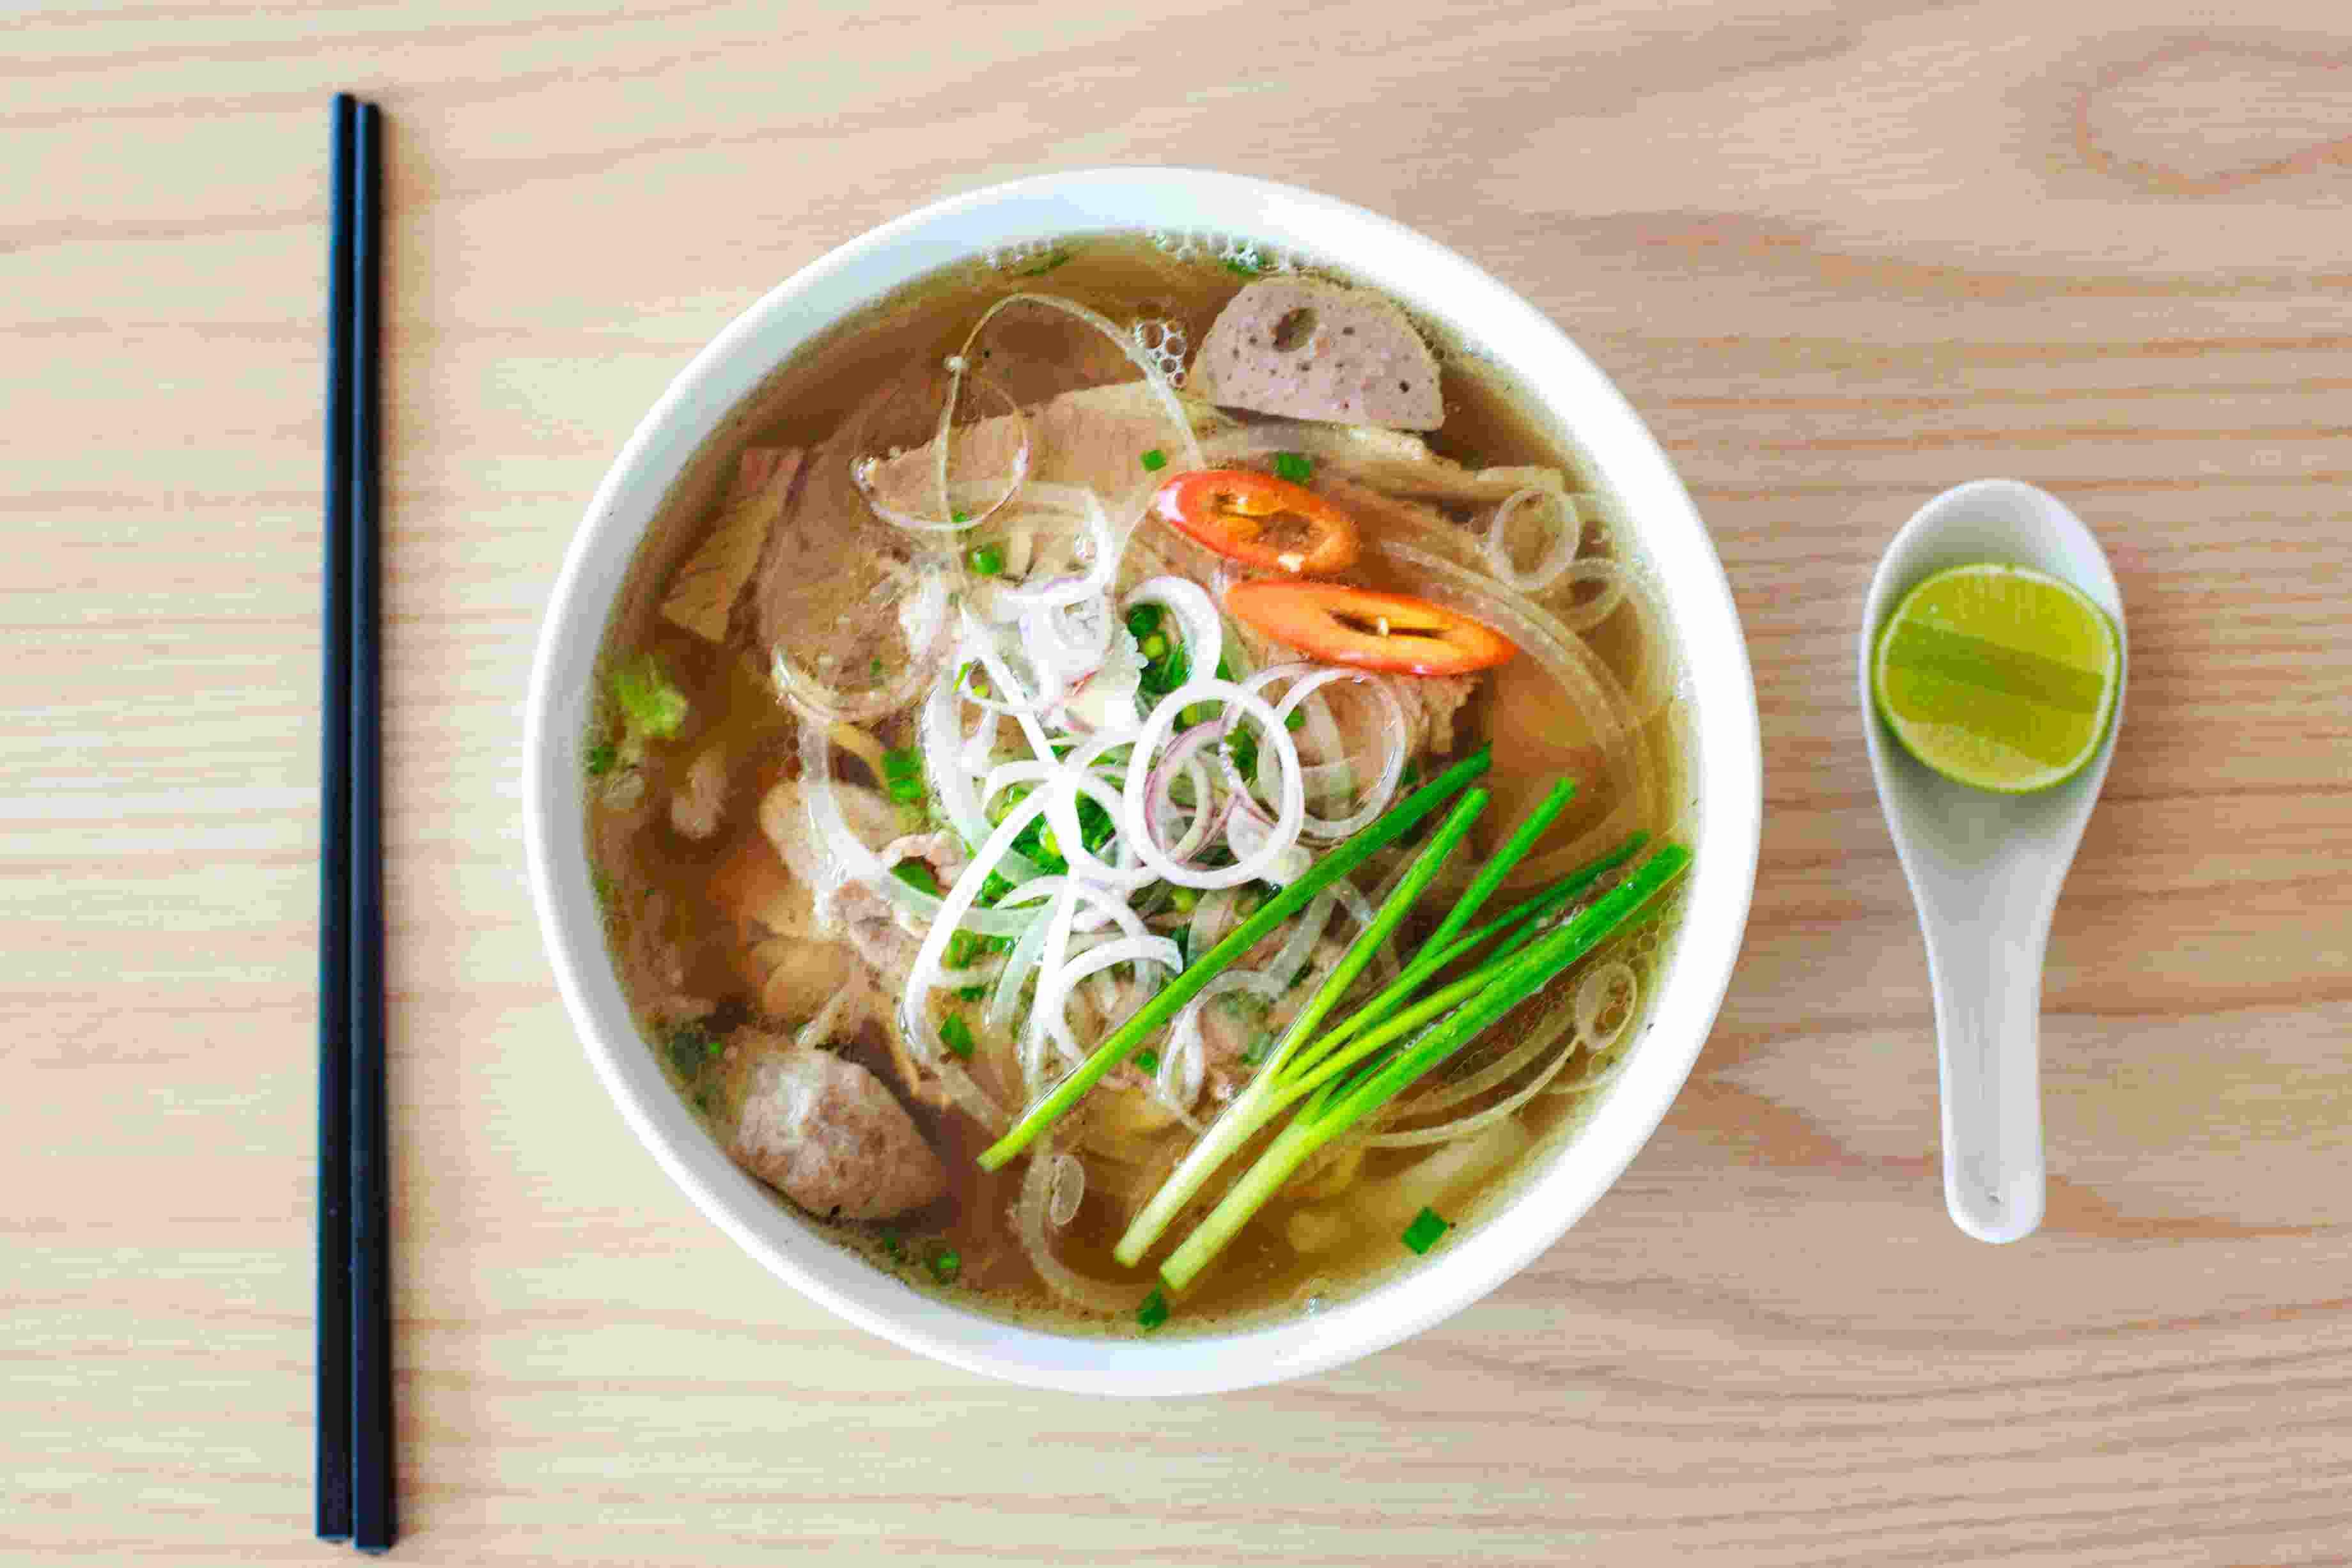 Η σούπα, εκτός από το ότι είναι ένα πολύ νόστιμο φαγητό, περιέχει ζωμό και αλάτι που βοηθούν να παραμένει ενυδατωμένος ο οργανισμός και να αναπληρώνεται το νάτριο σε αυτόν.